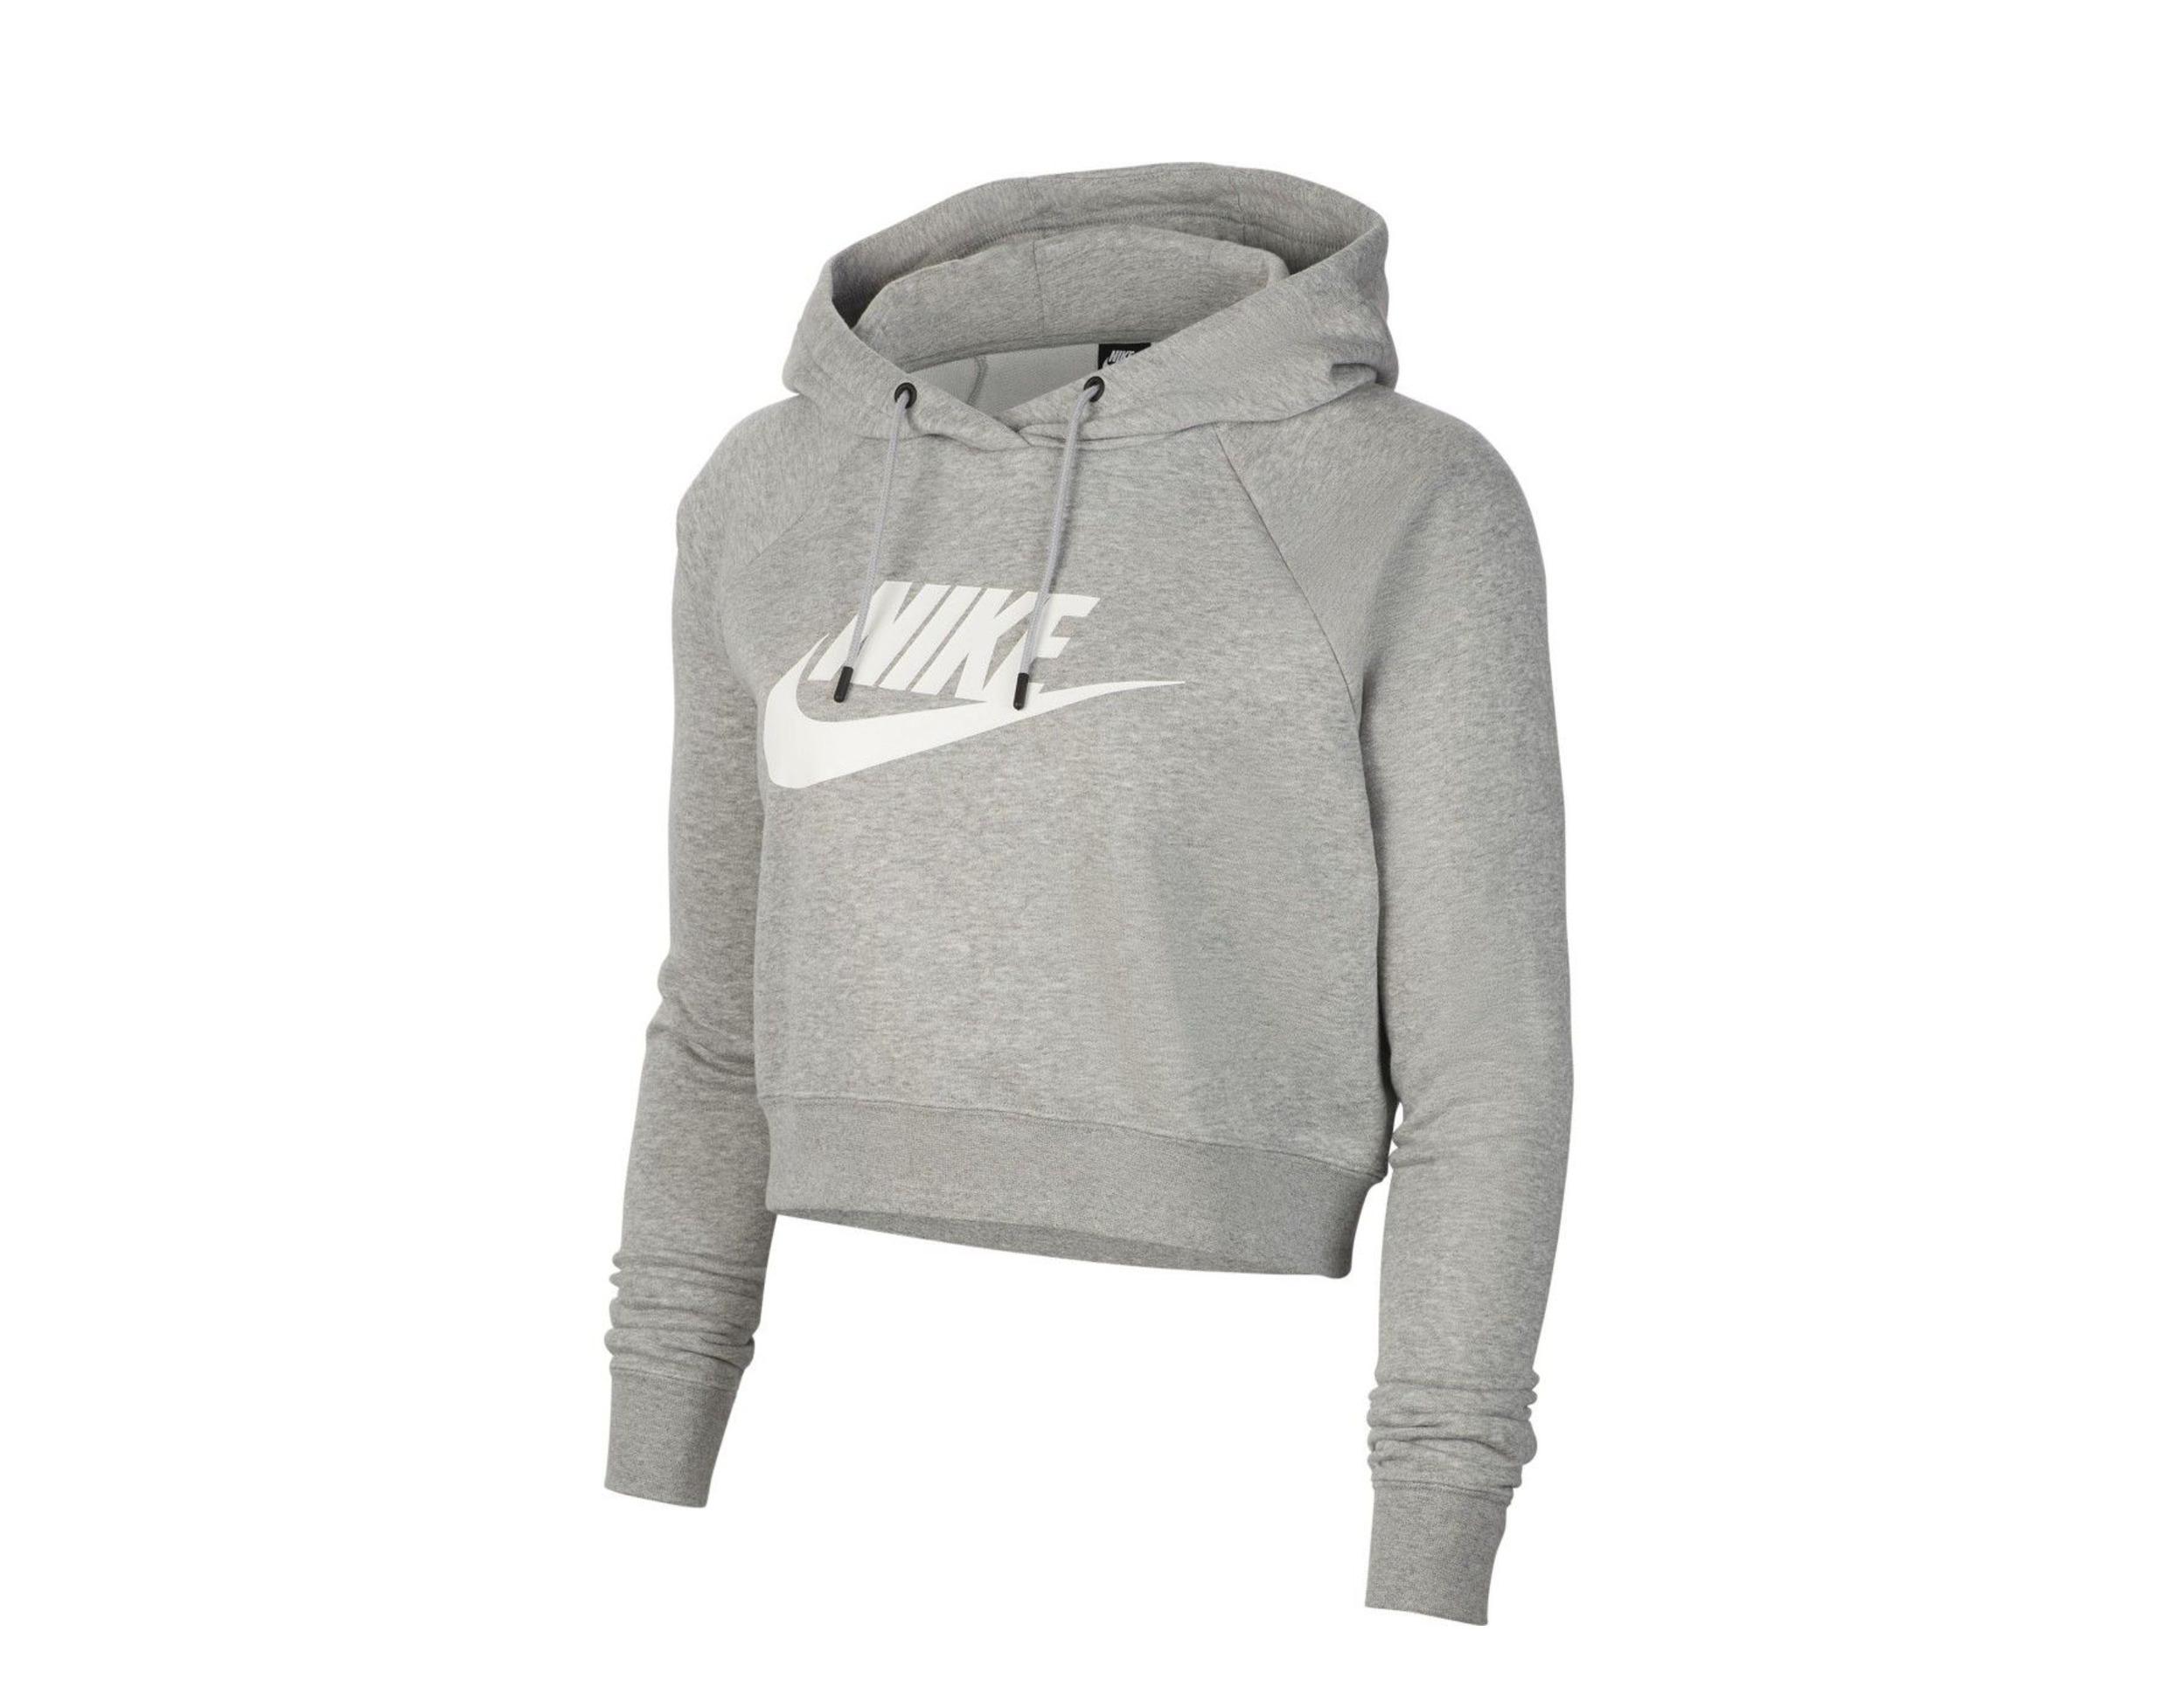 Nike Sportswear Essential Cropped Grey